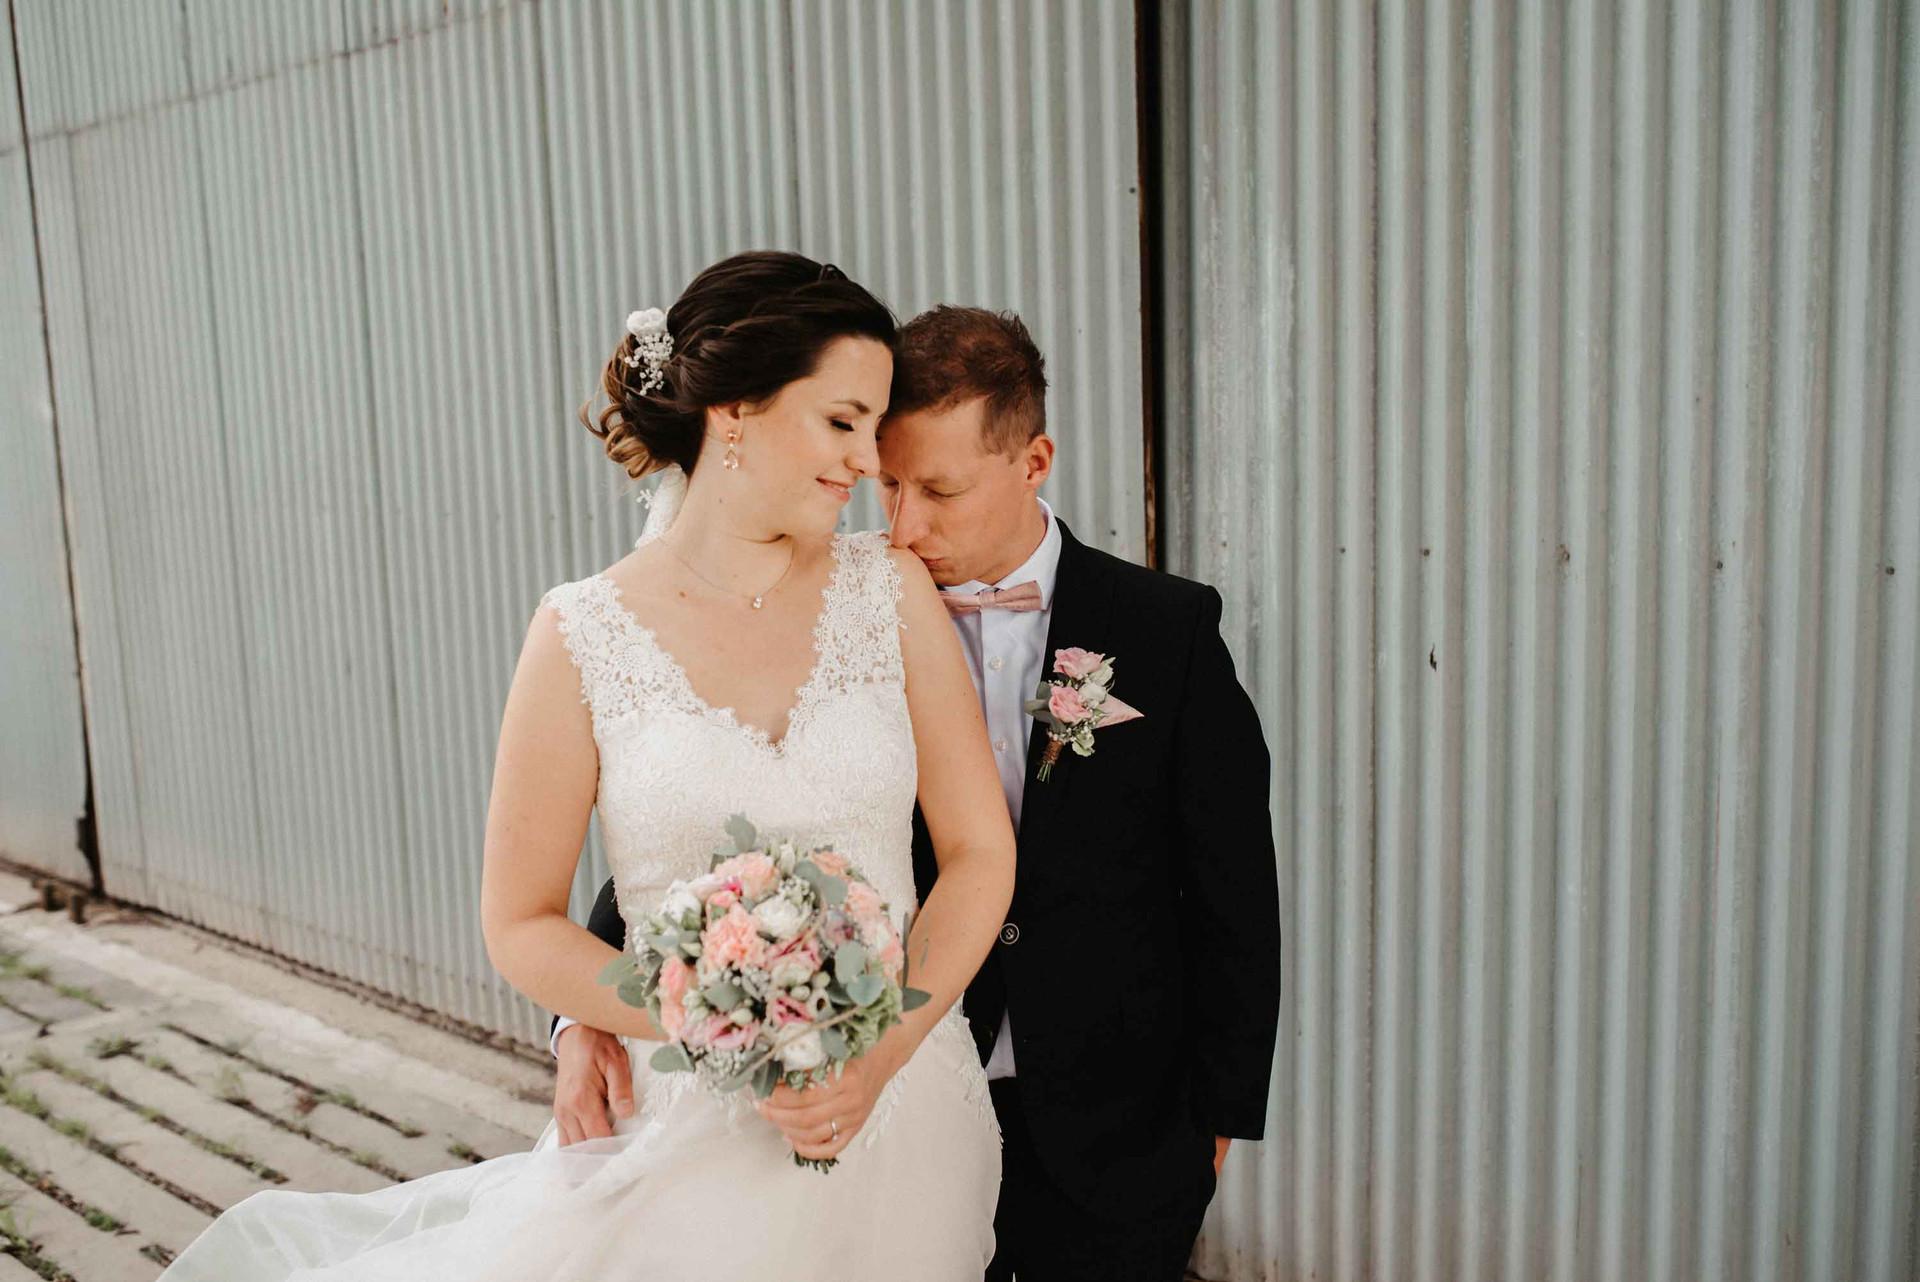 Brautpaarshooting.Metalltor.Wind..jpg